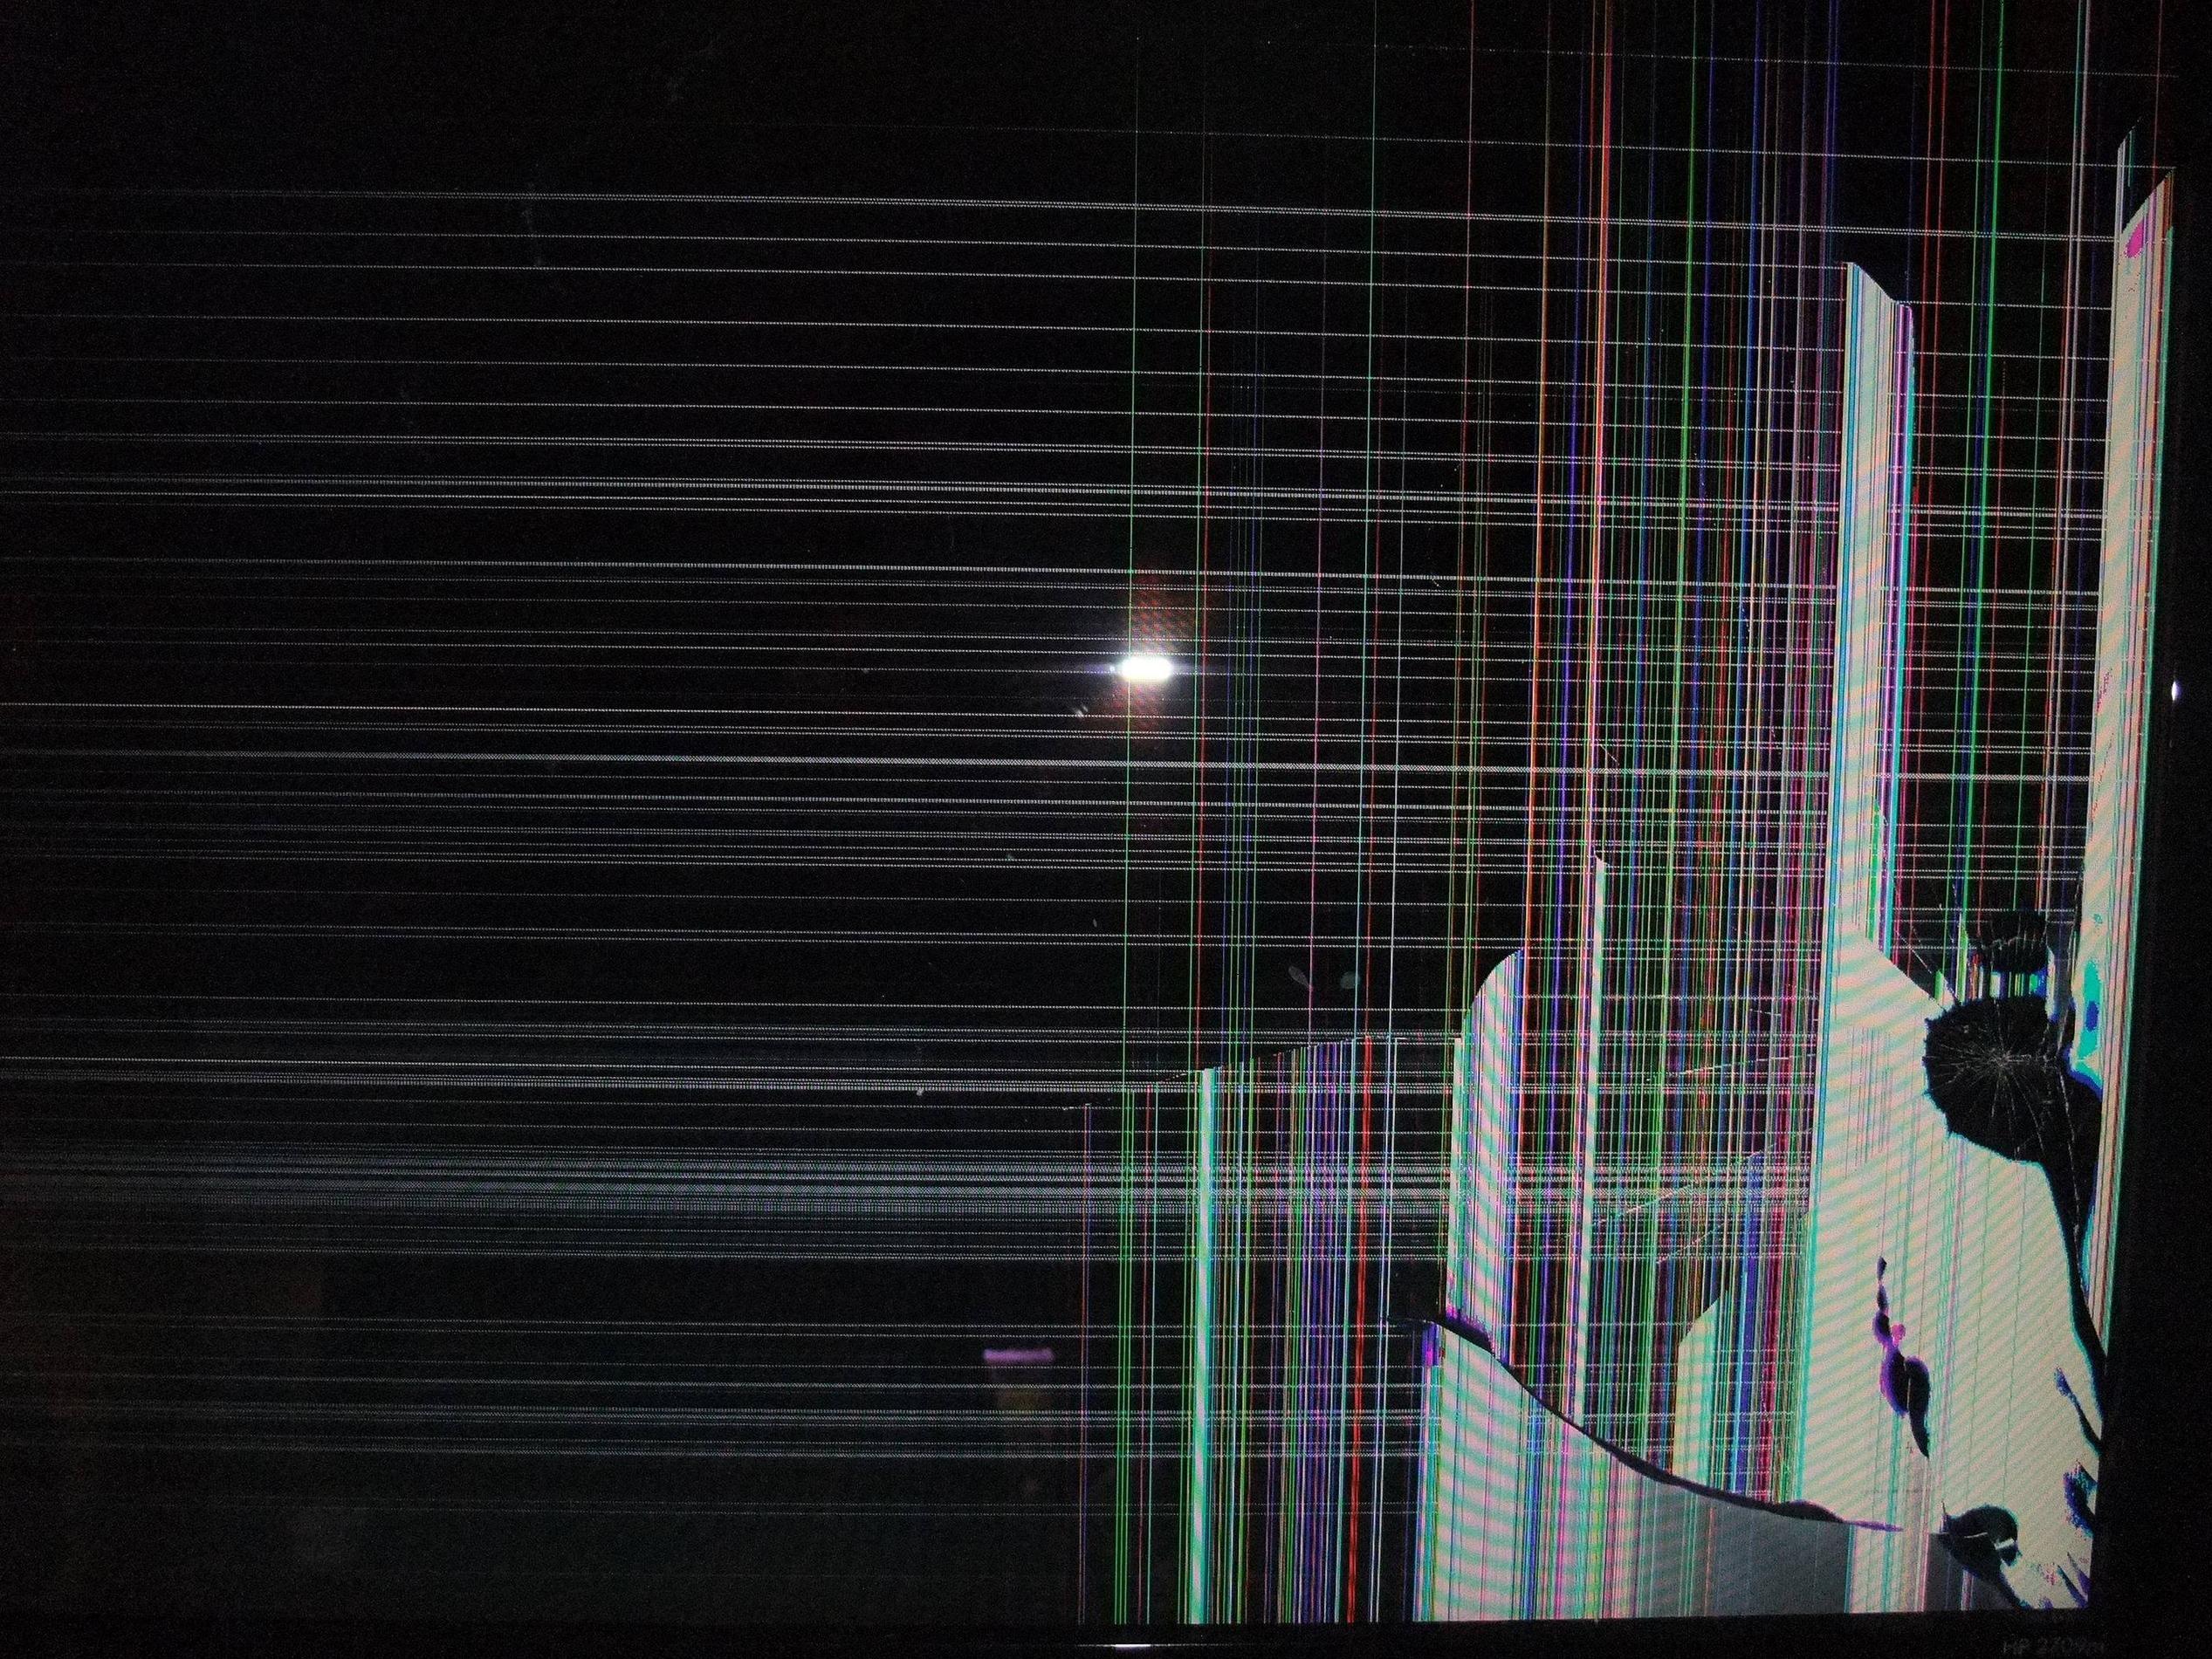 2534 X 1901 , Broken Lcd Wallpaper